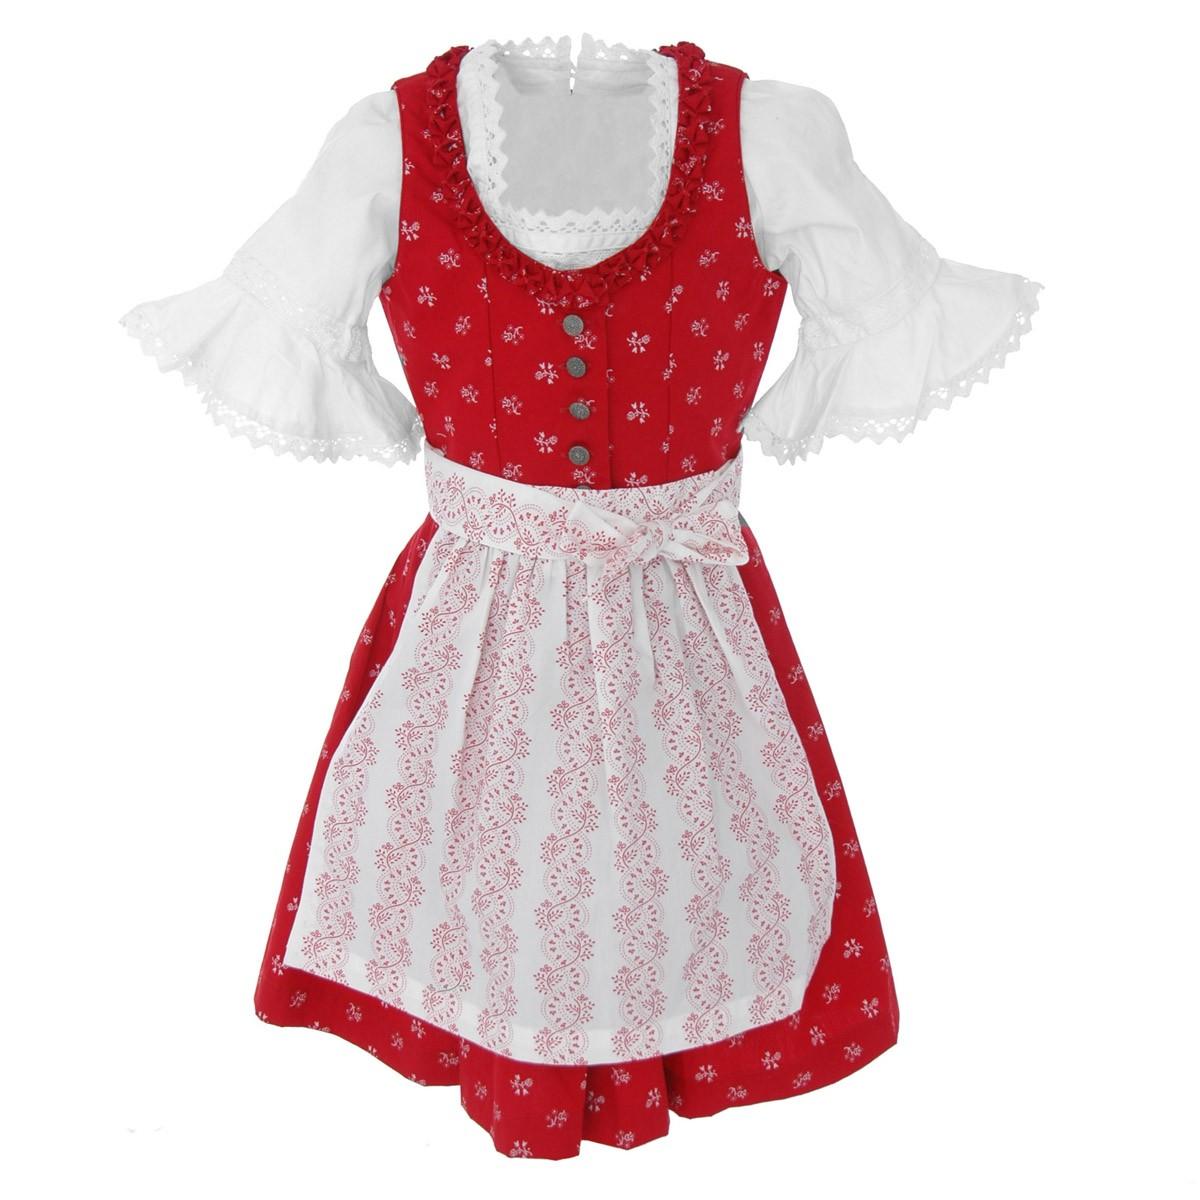 Kinderdirndl Christina in Rot von Almsach günstig online kaufen